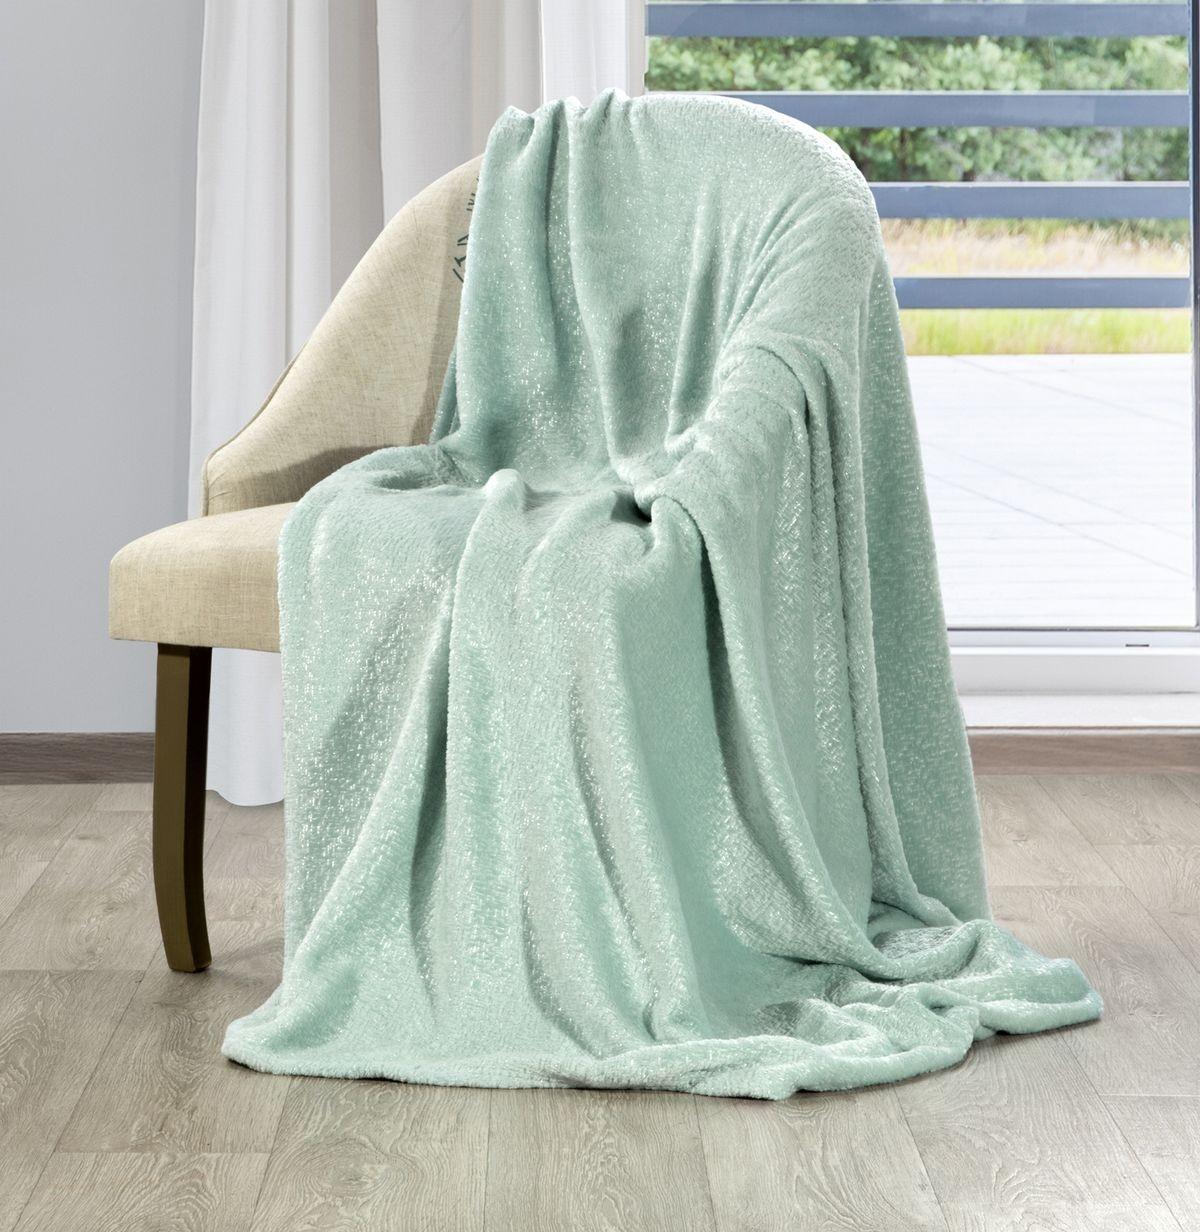 Krásna mentolová trblietavá deka 130 x 160 cm Šírka: 130 cm   Dĺžka: 160 cm